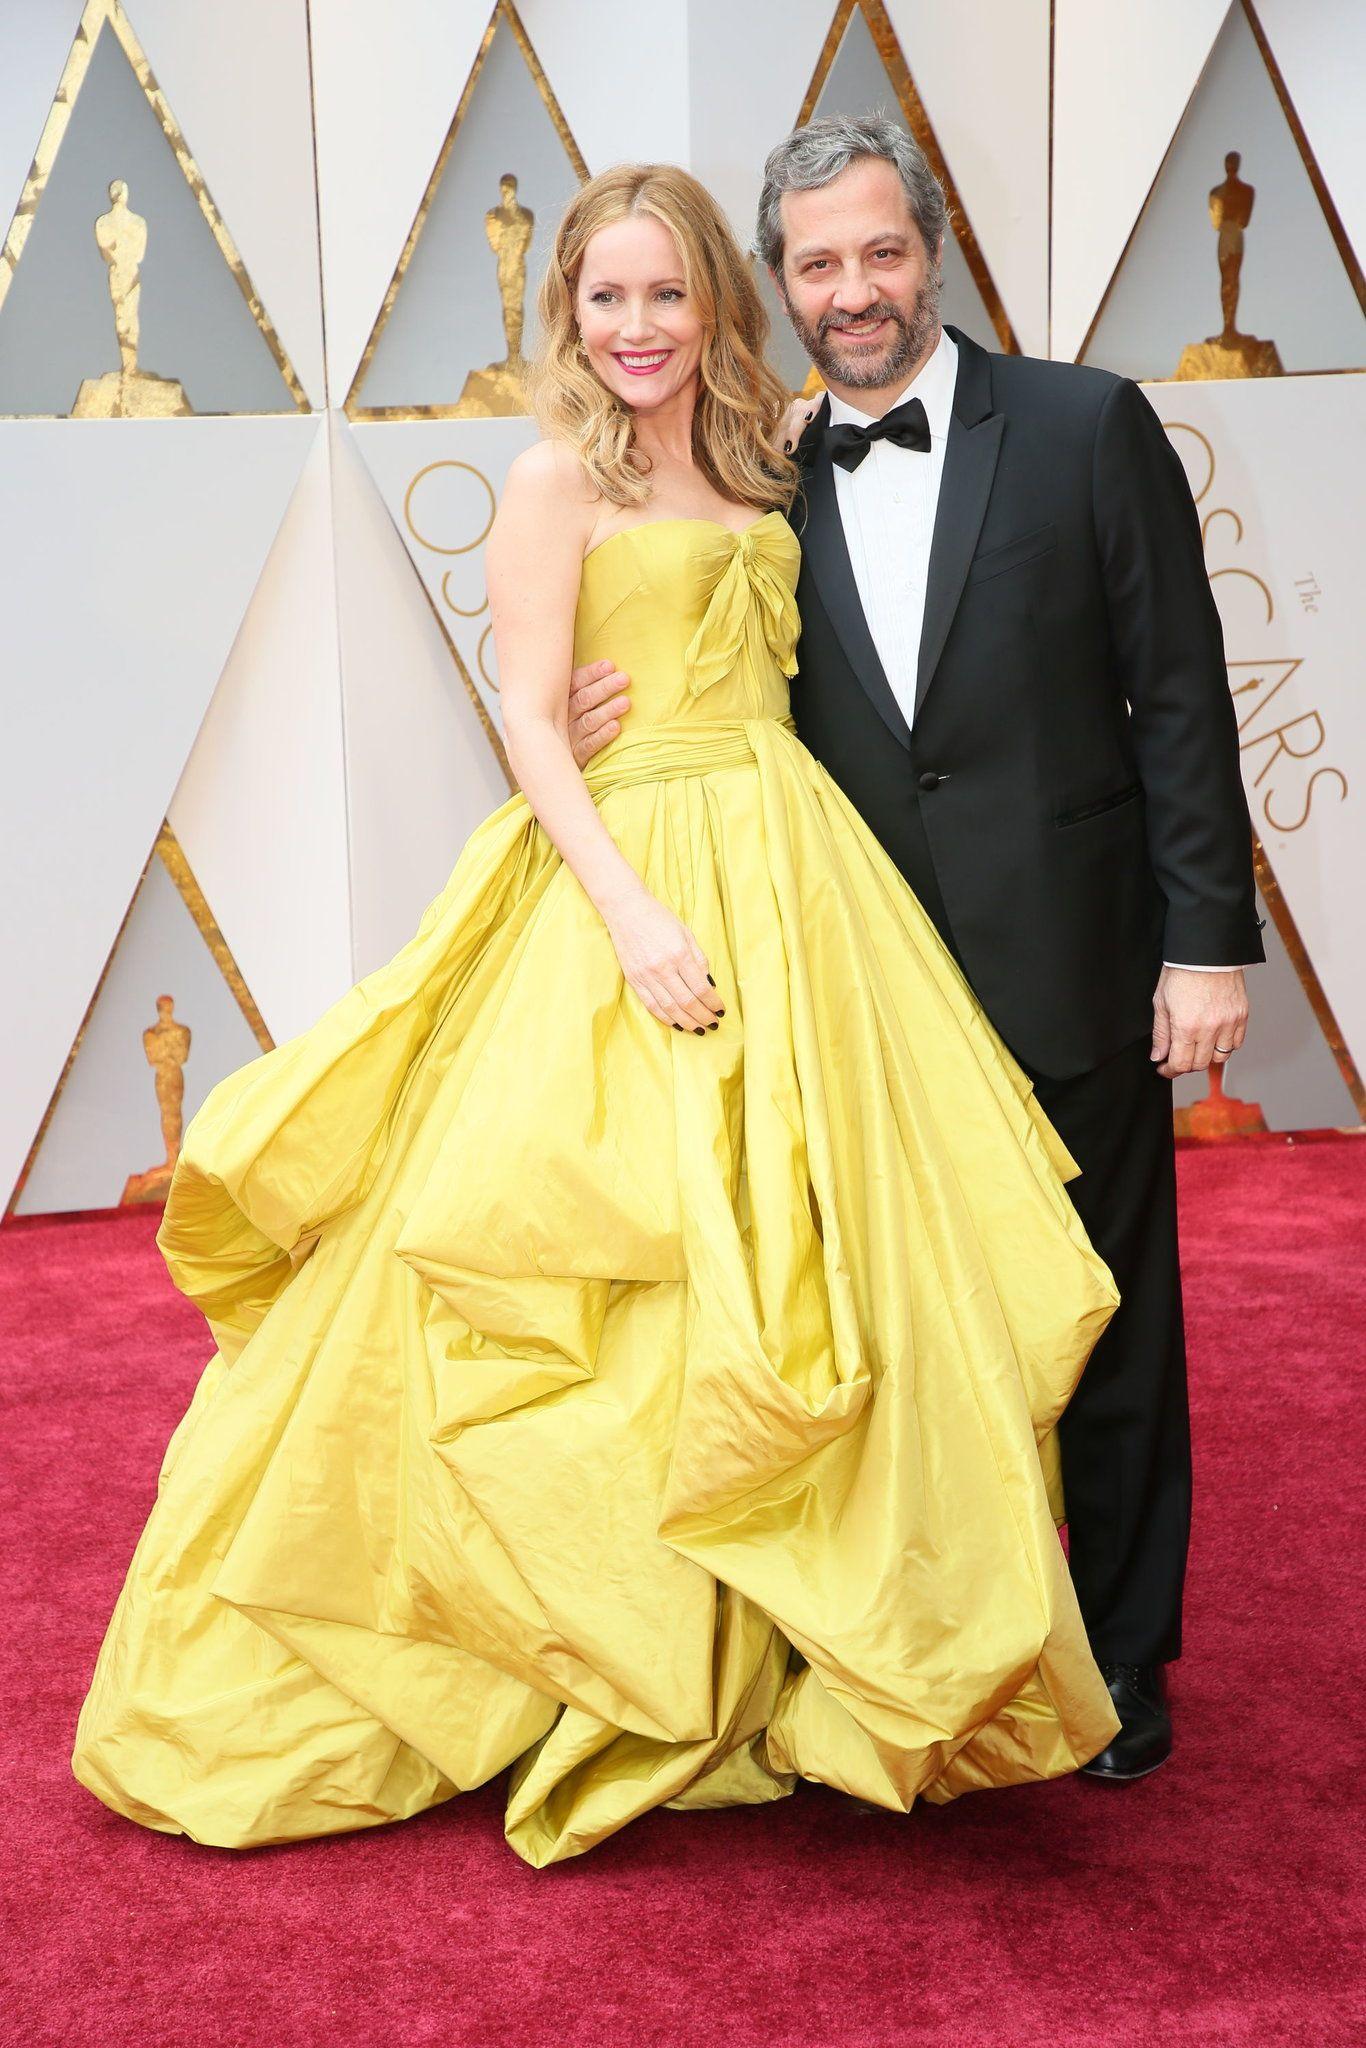 Oscars 2017 Dresses Sleeves Sparkles And Surprises Published 2017 Red Carpet Oscars Oscars Red Carpet Dresses Oscar 2017 Dresses